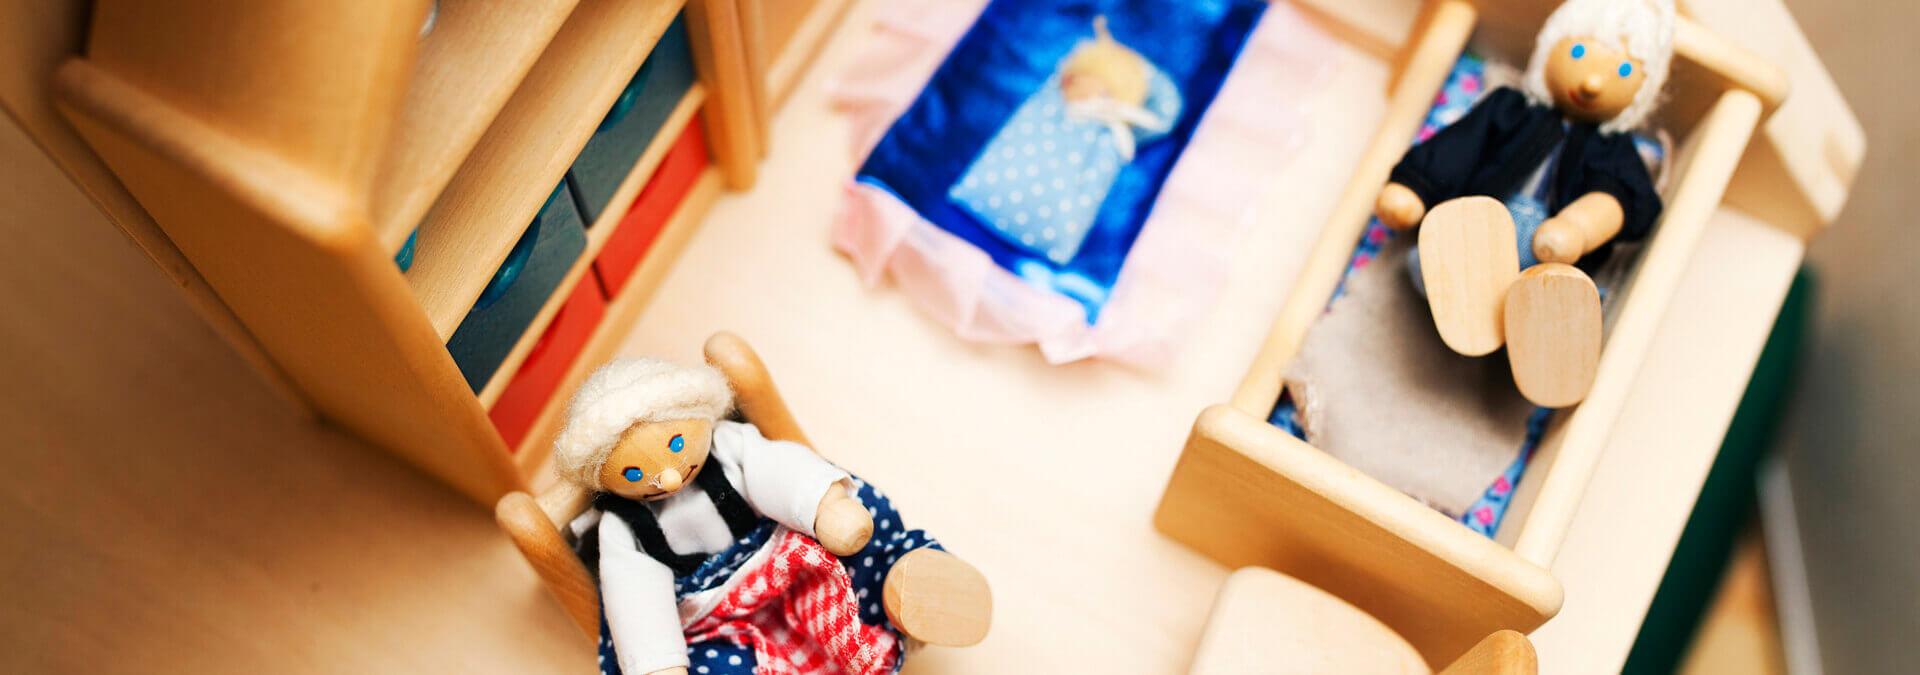 Et dukkehus i Børnetræet for børn på krisecenter